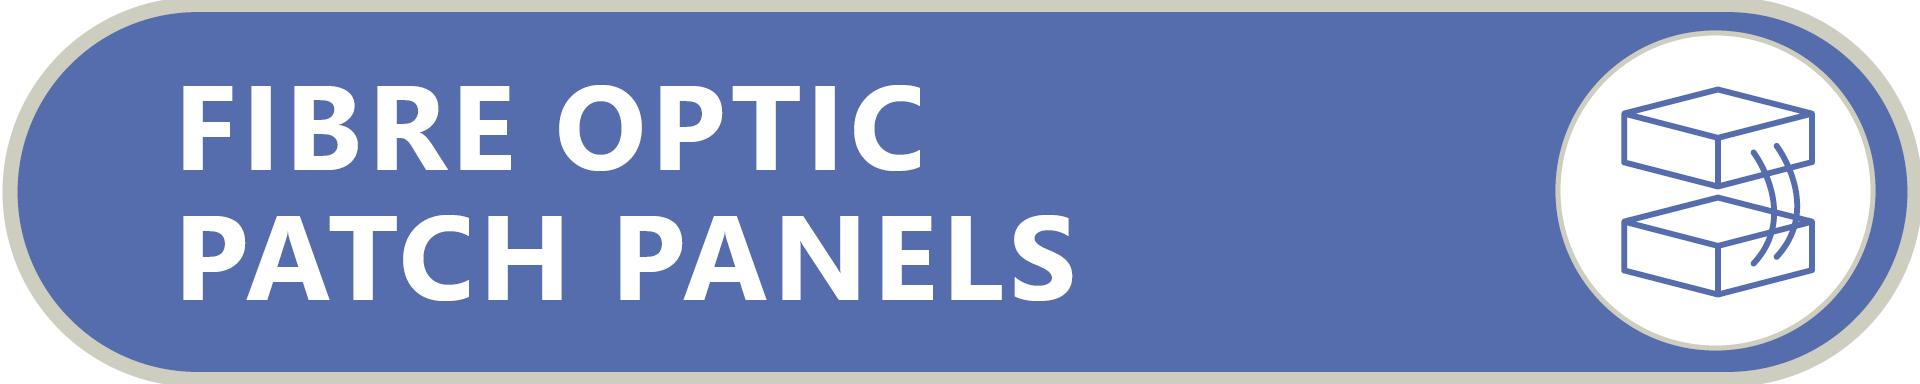 Fibre optic Patch Panels